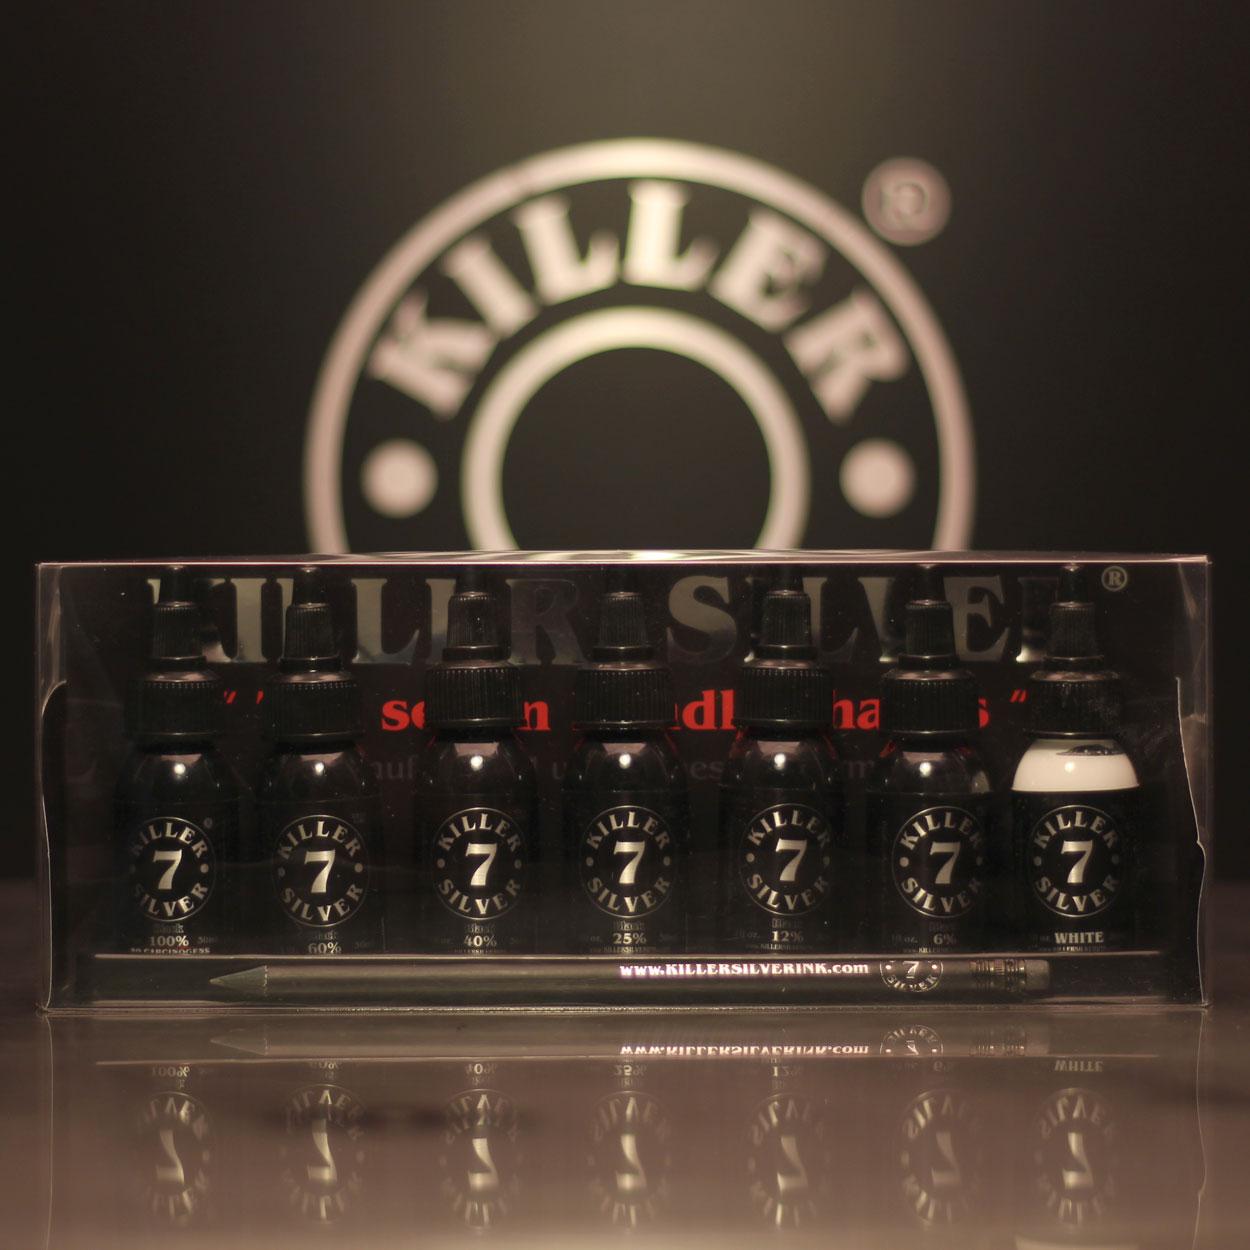 Ultimate gray-wash set - 7 bottles - 1oz - Killer Silver